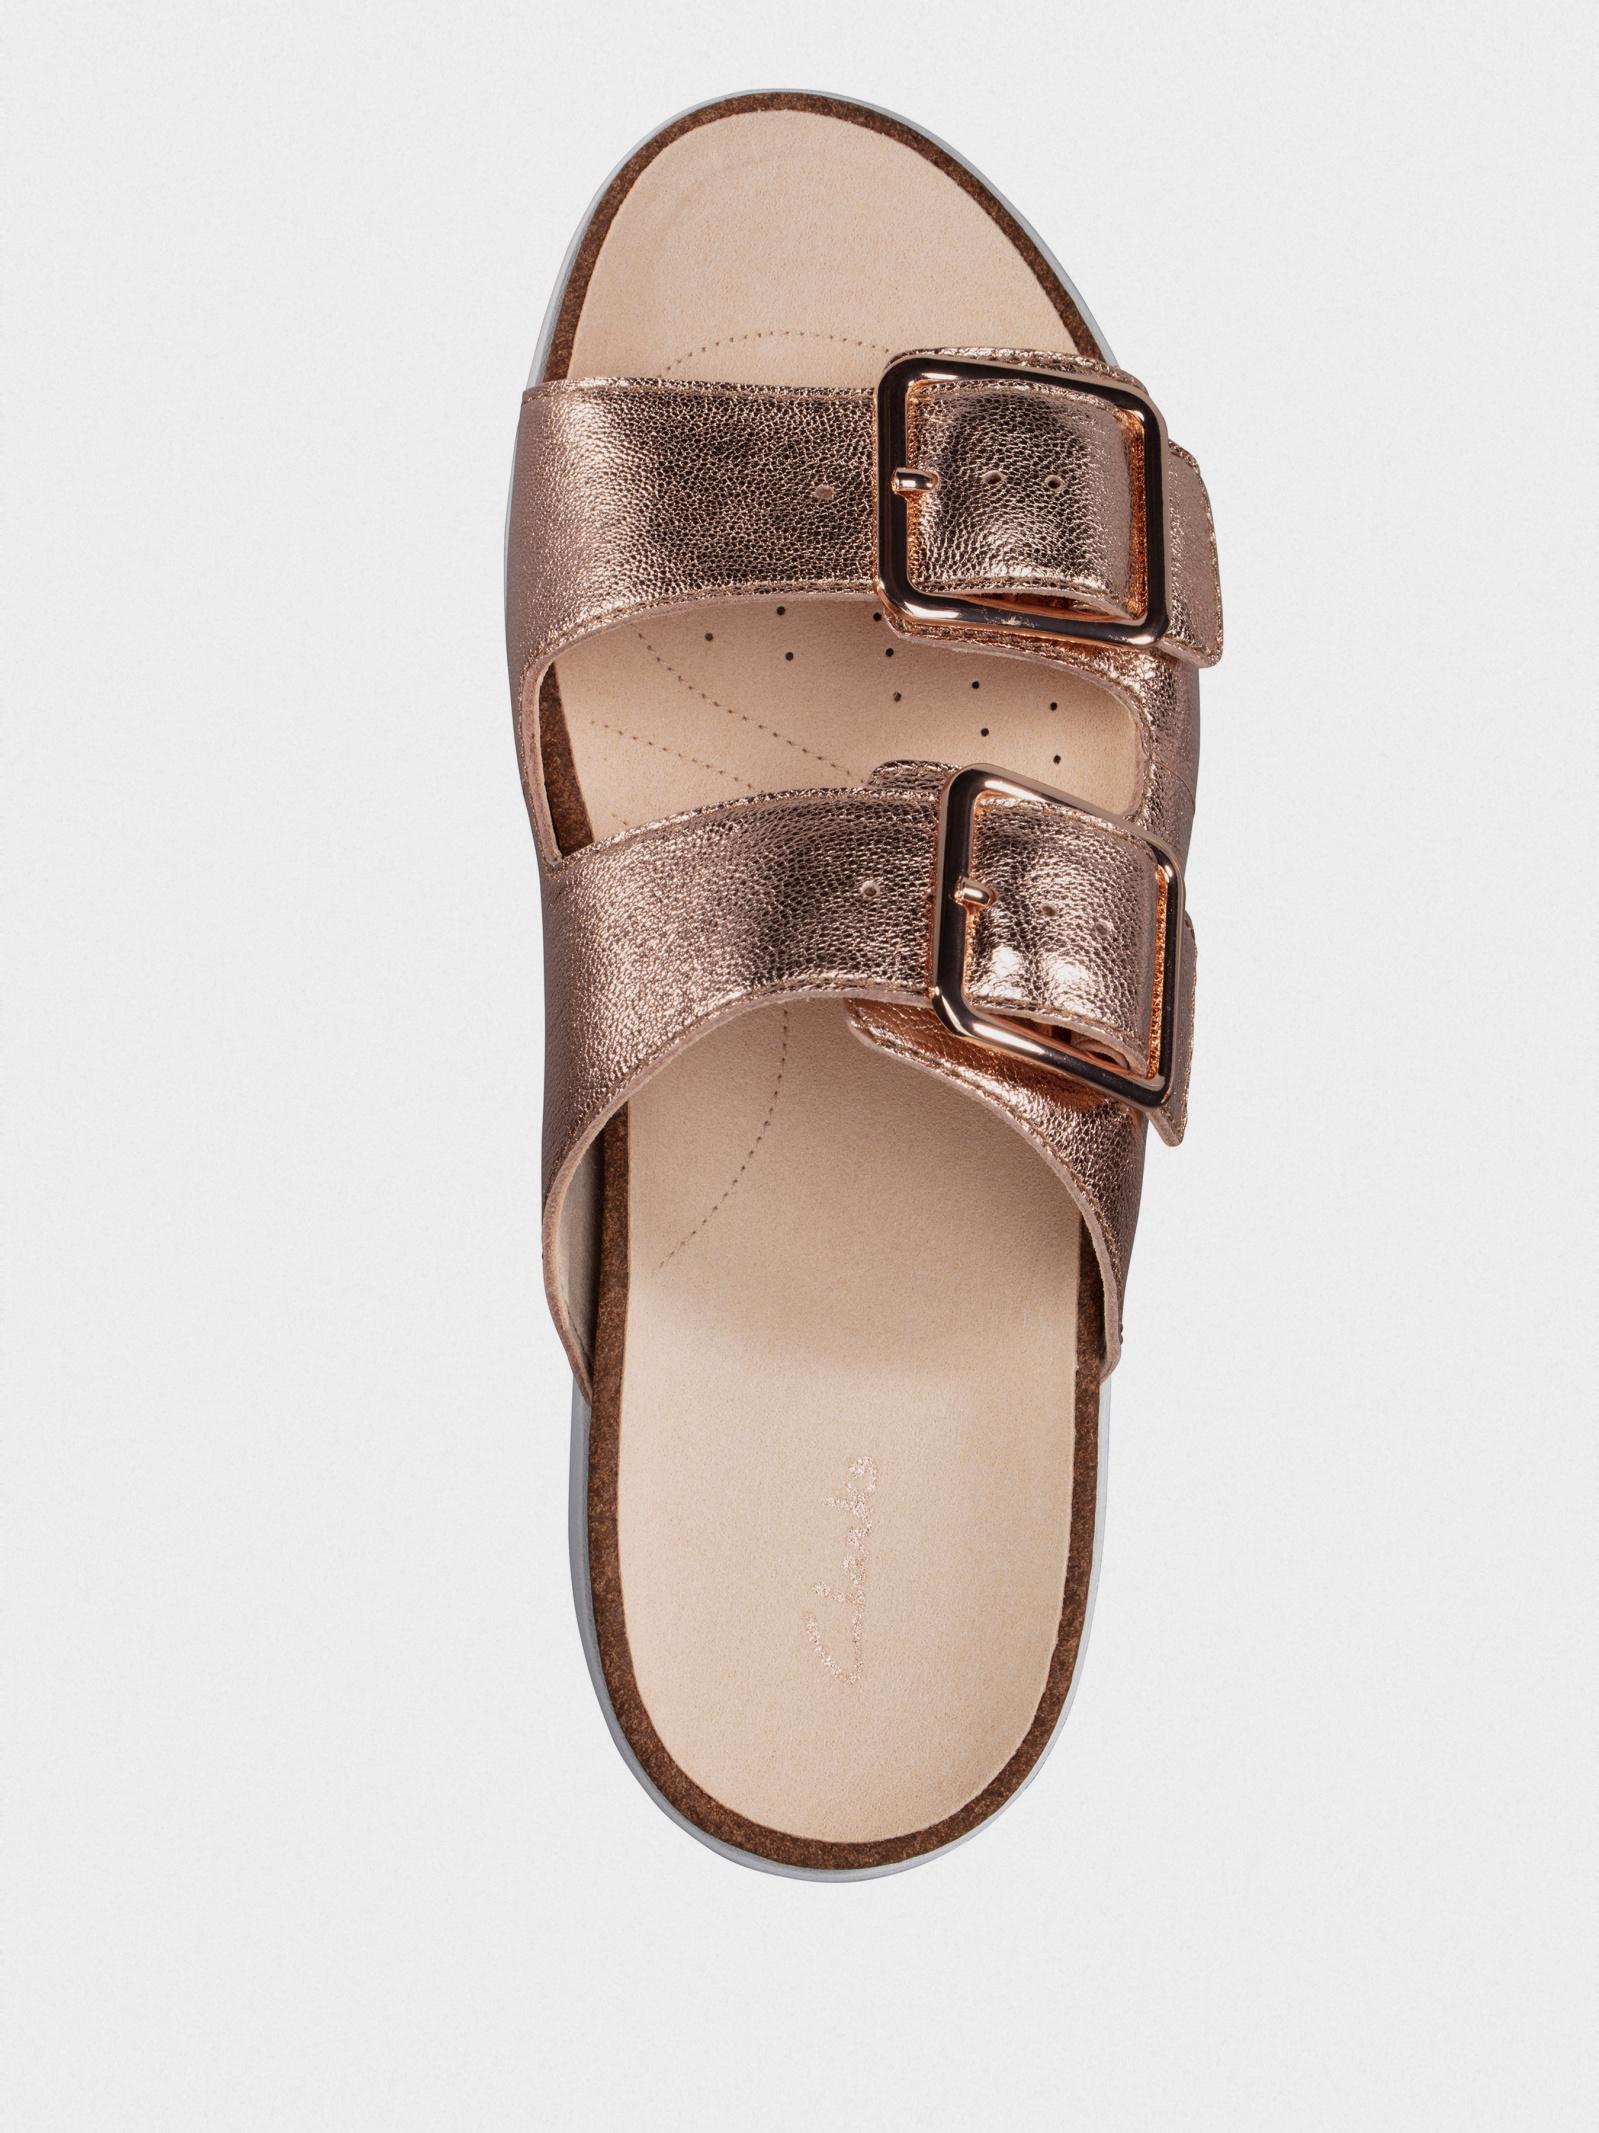 Шльопанці  для жінок Clarks 26147520 брендове взуття, 2017